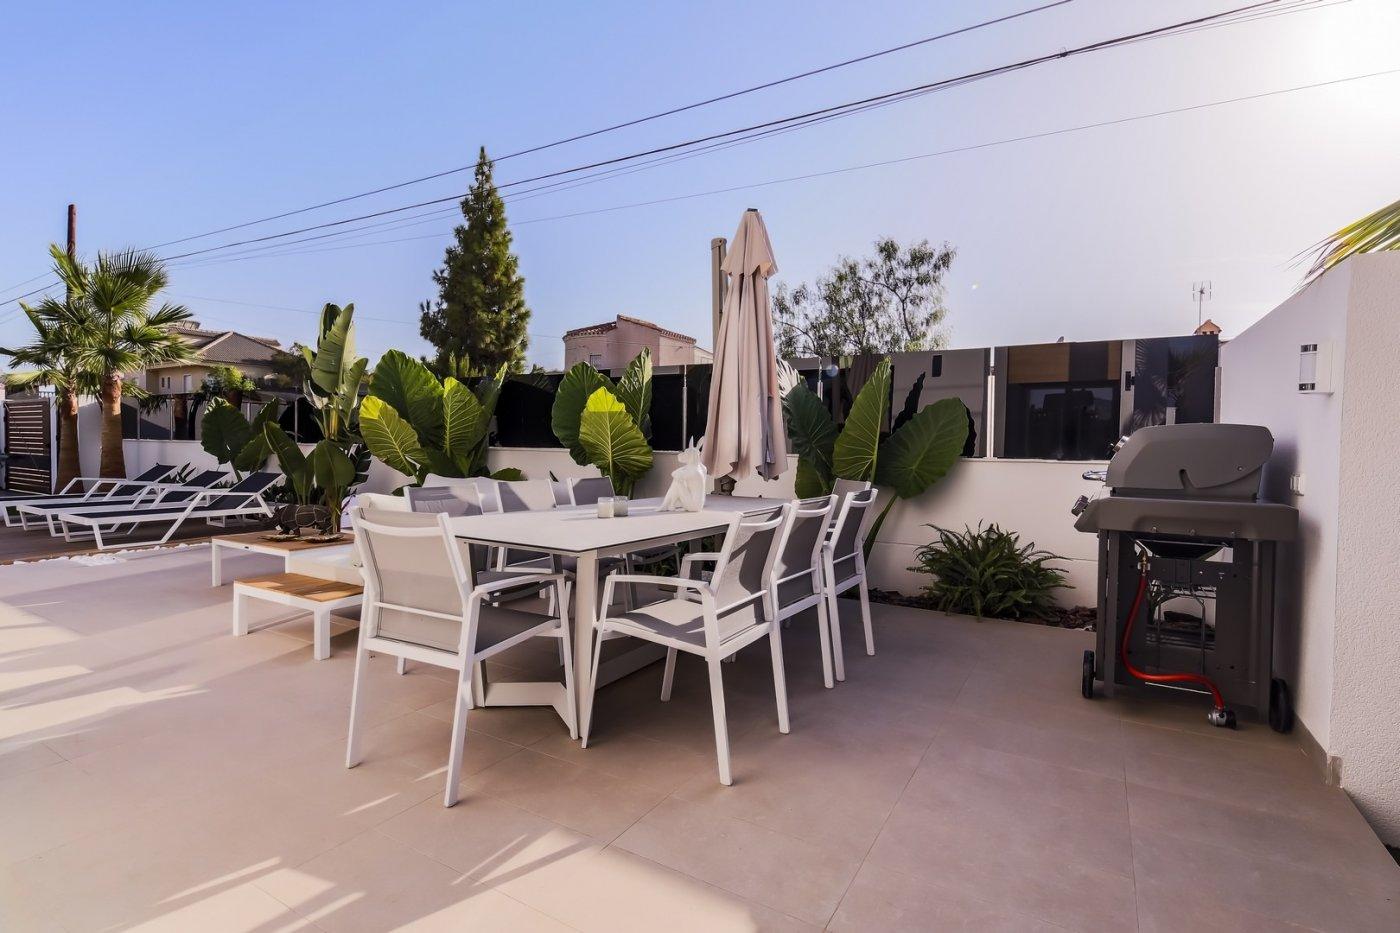 Villas de lujo en torreta florida (torrevieja) - imagenInmueble24